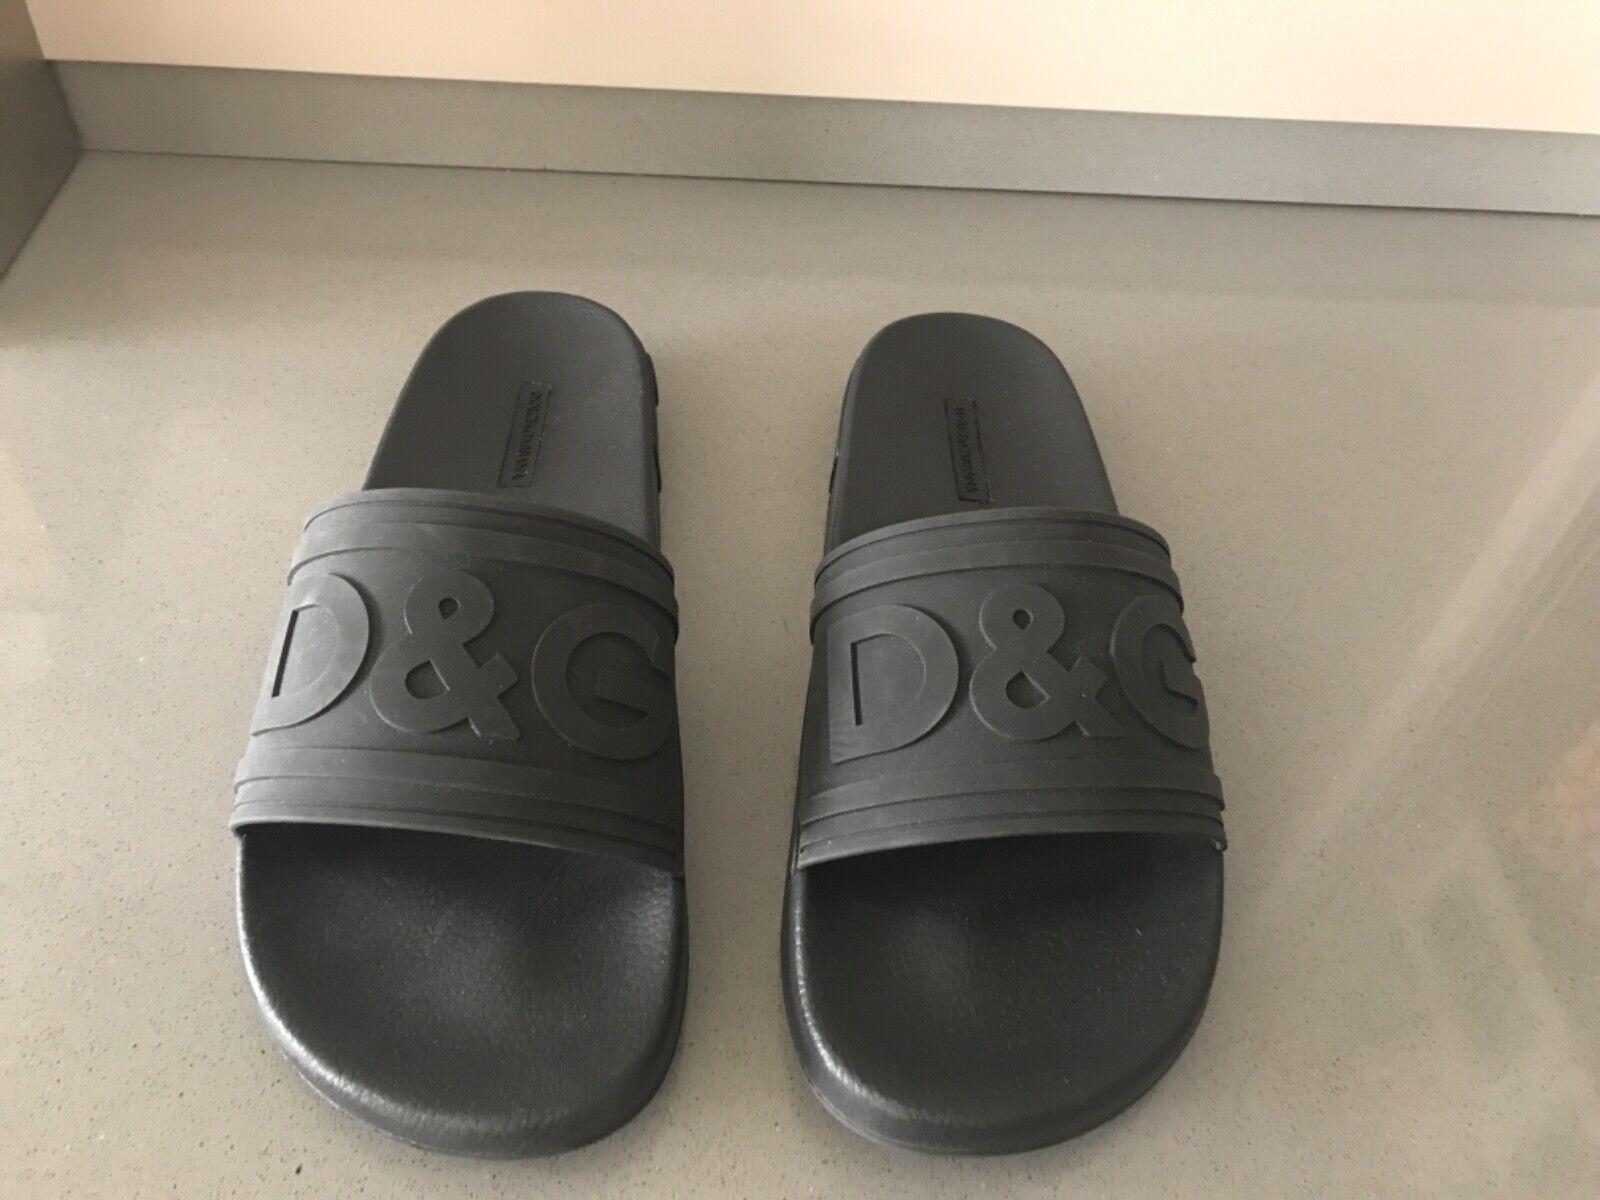 Men's Dolce & Gabbana DG logo black sliders size 43